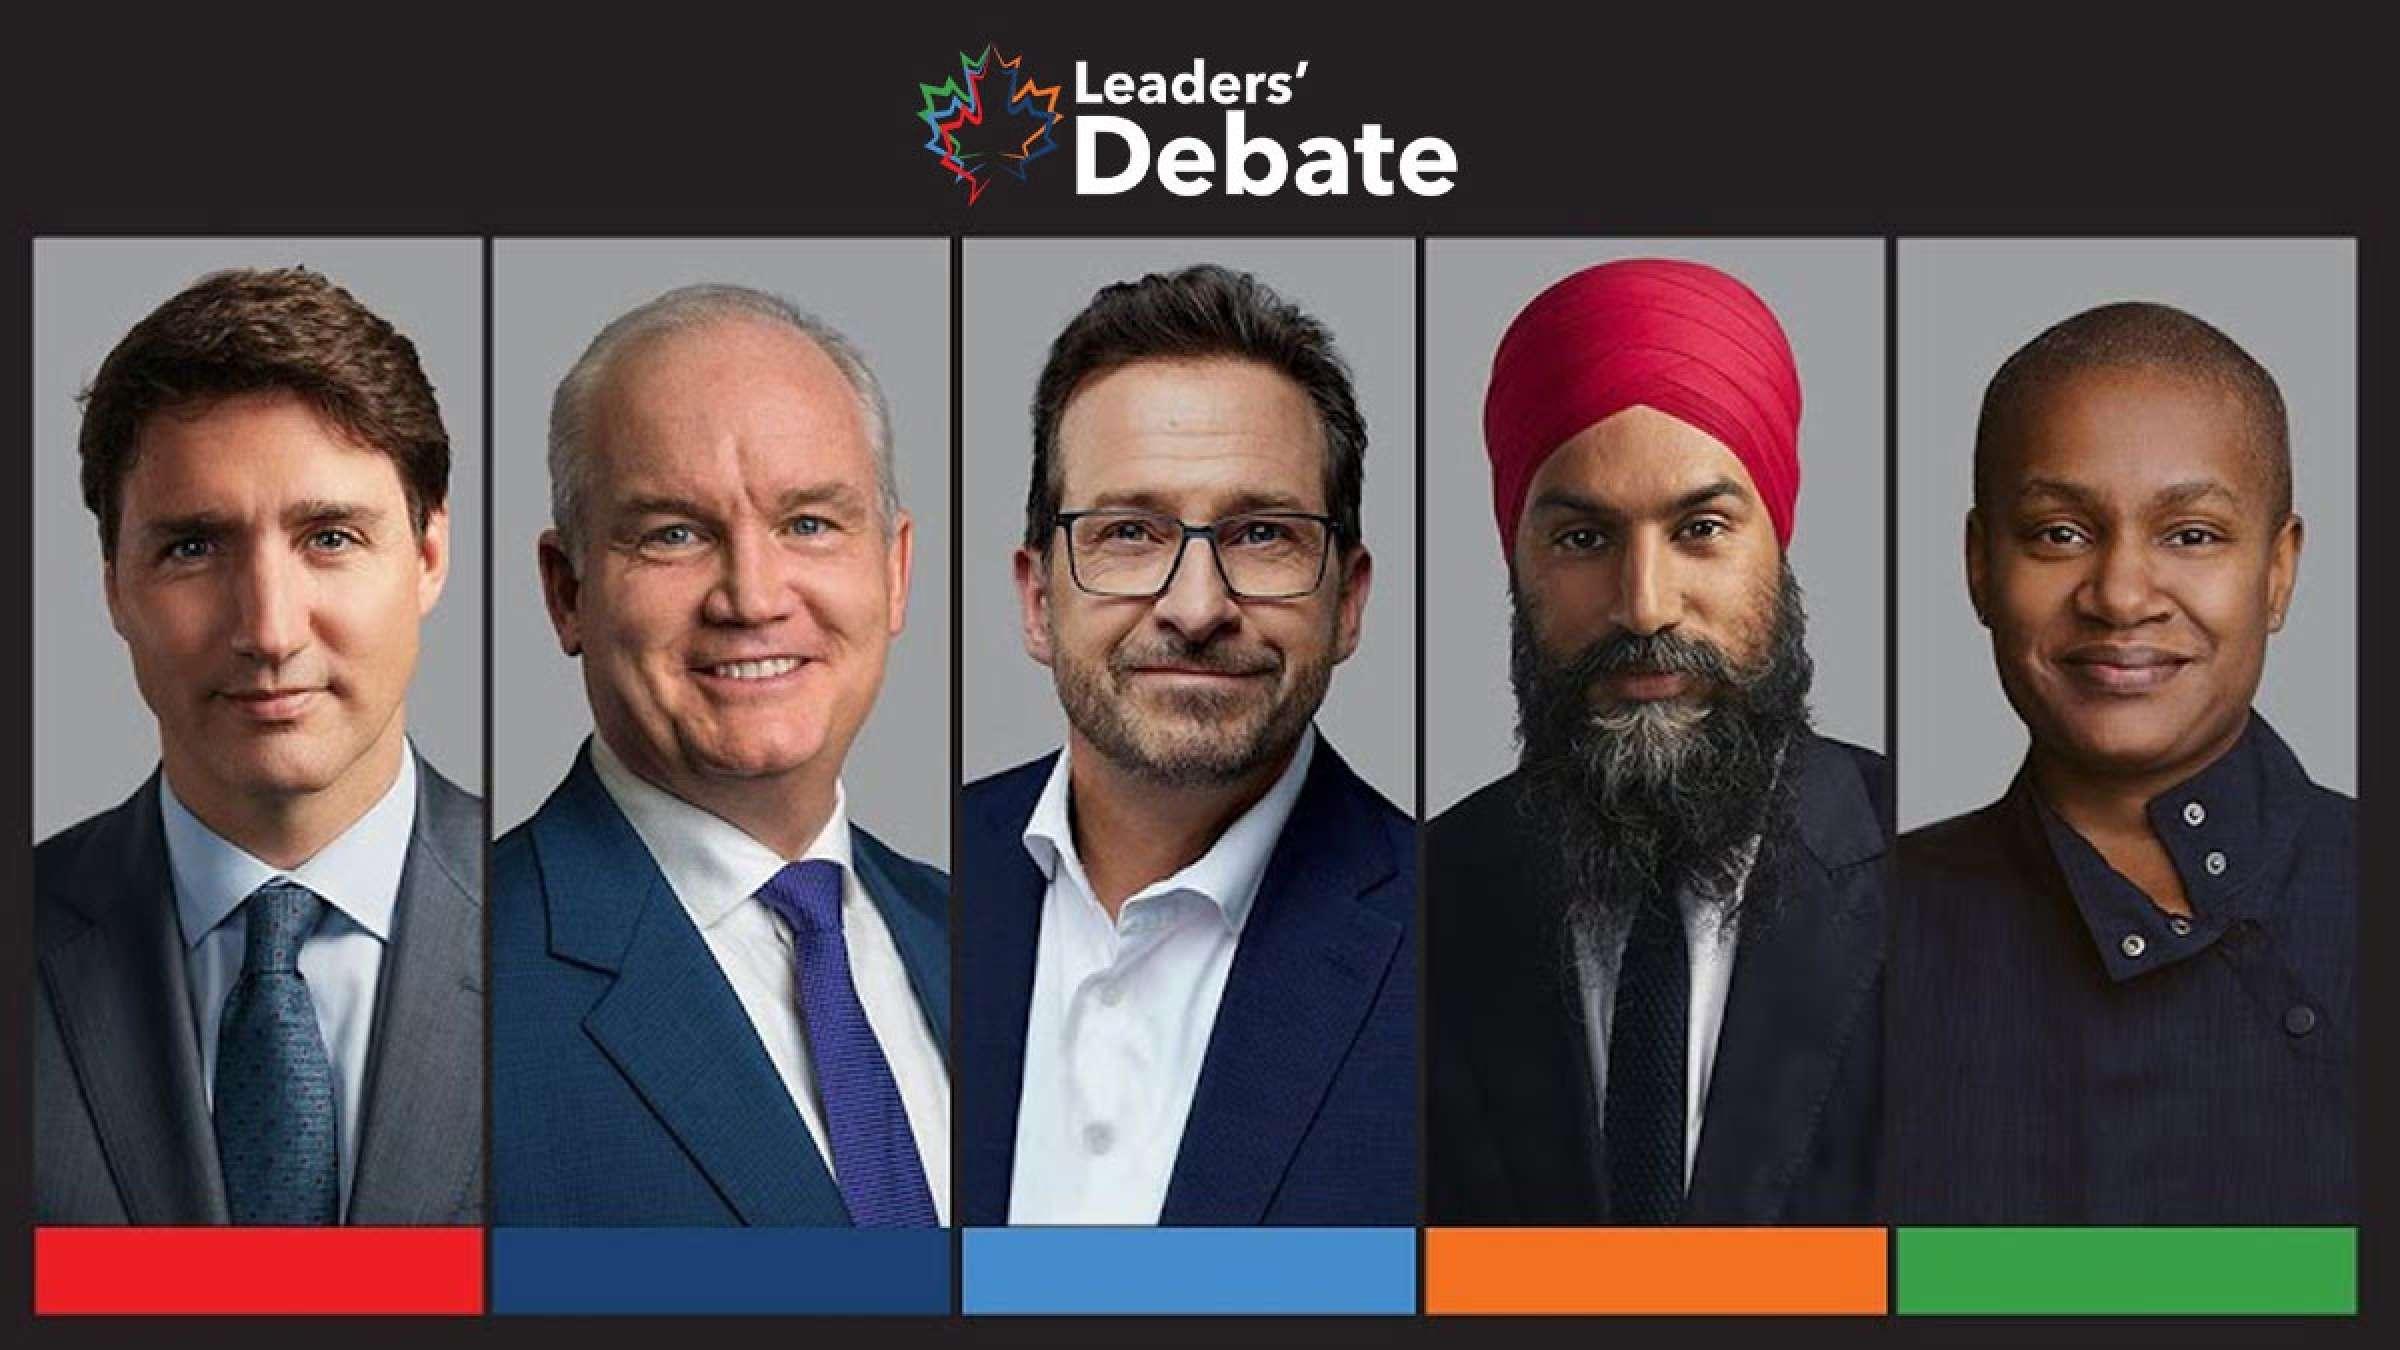 برجستهترین نکات مناظره به زبان انگلیسی رهبران احزاب کانادا برای انتخابات چه بود